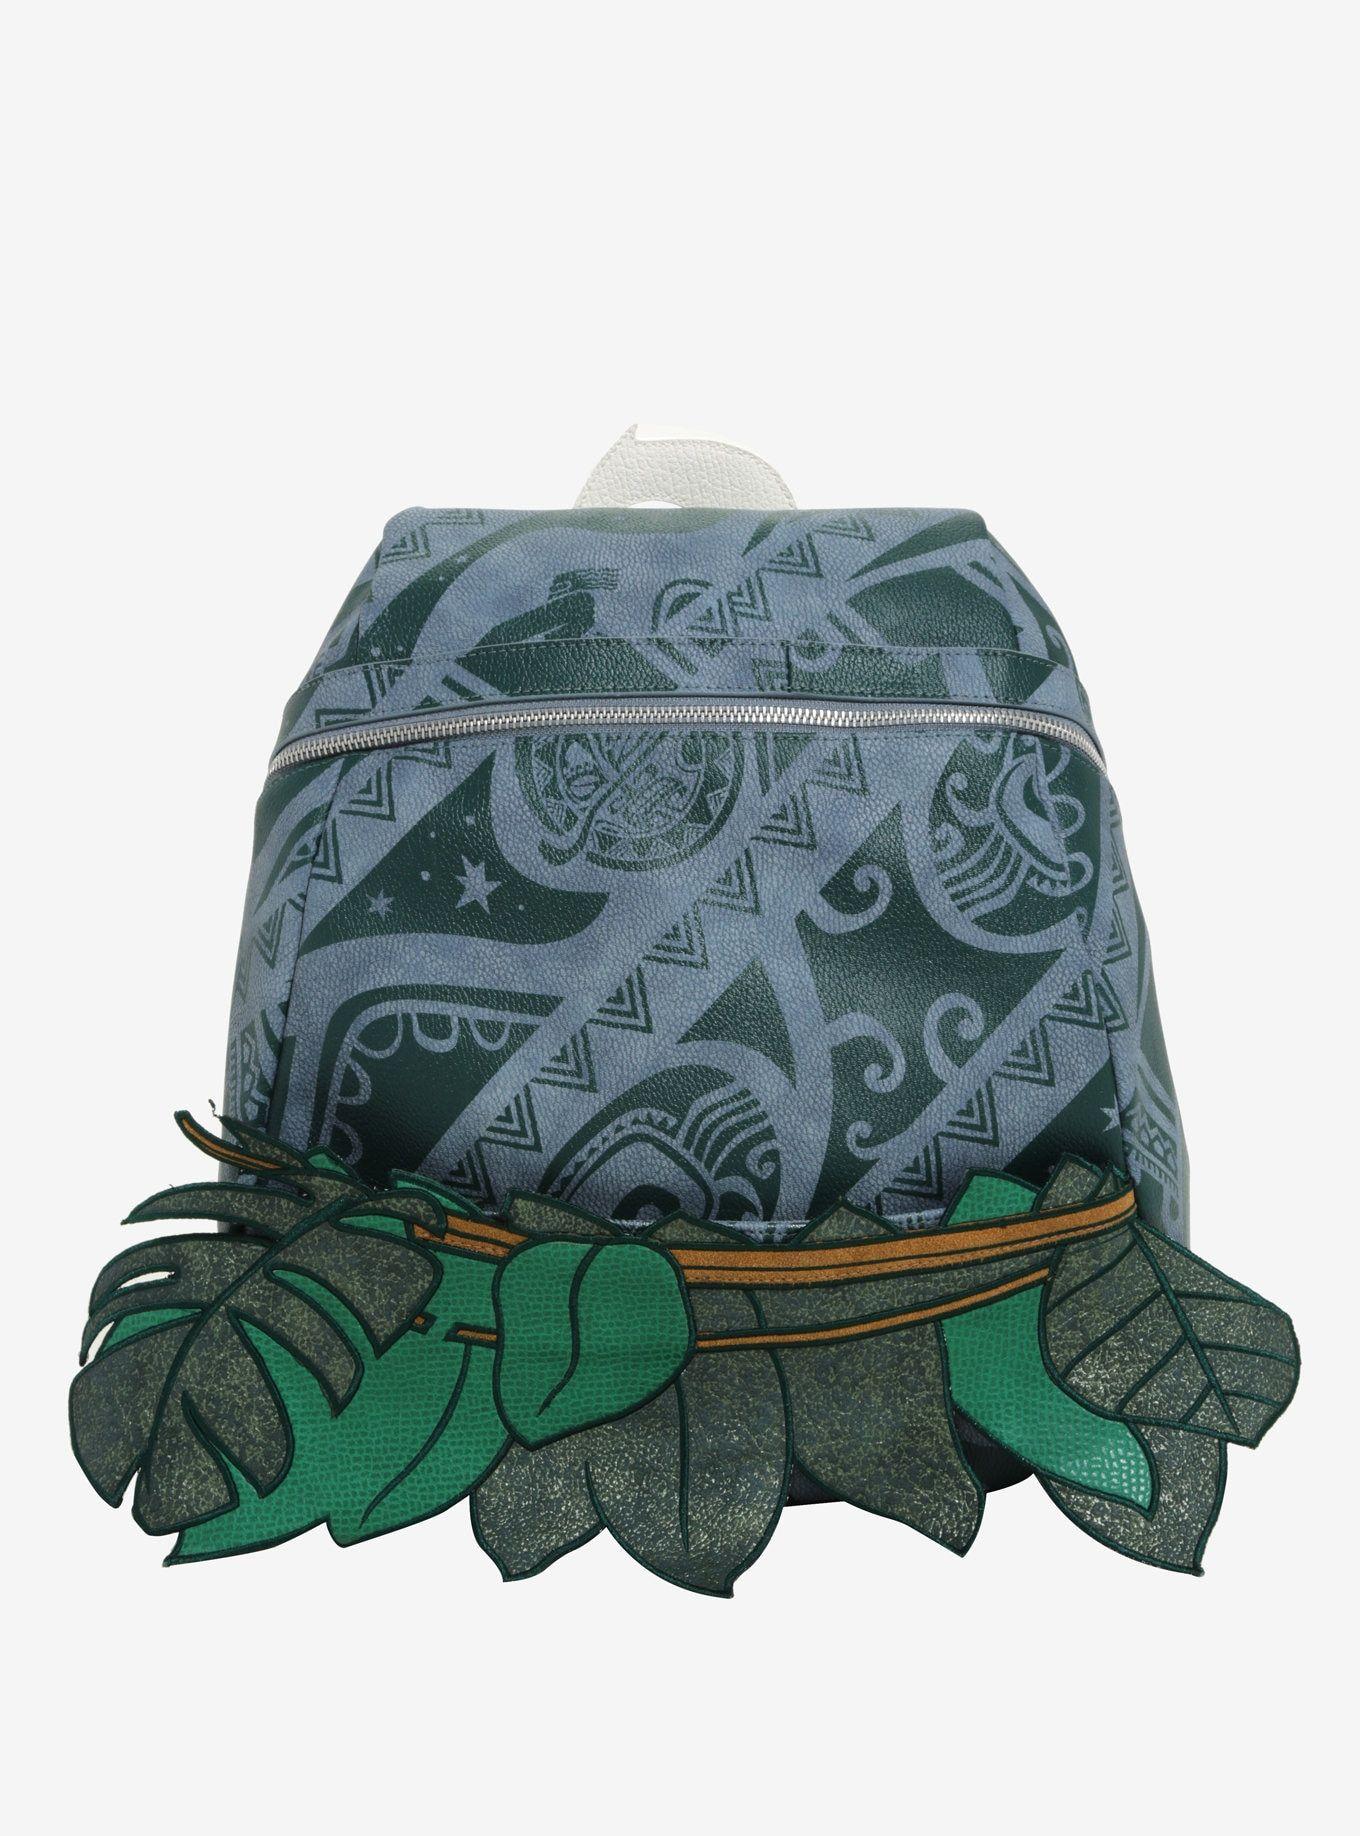 7c7737cb0d0 Danielle Nicole Disney Moana Maui Mini Backpack